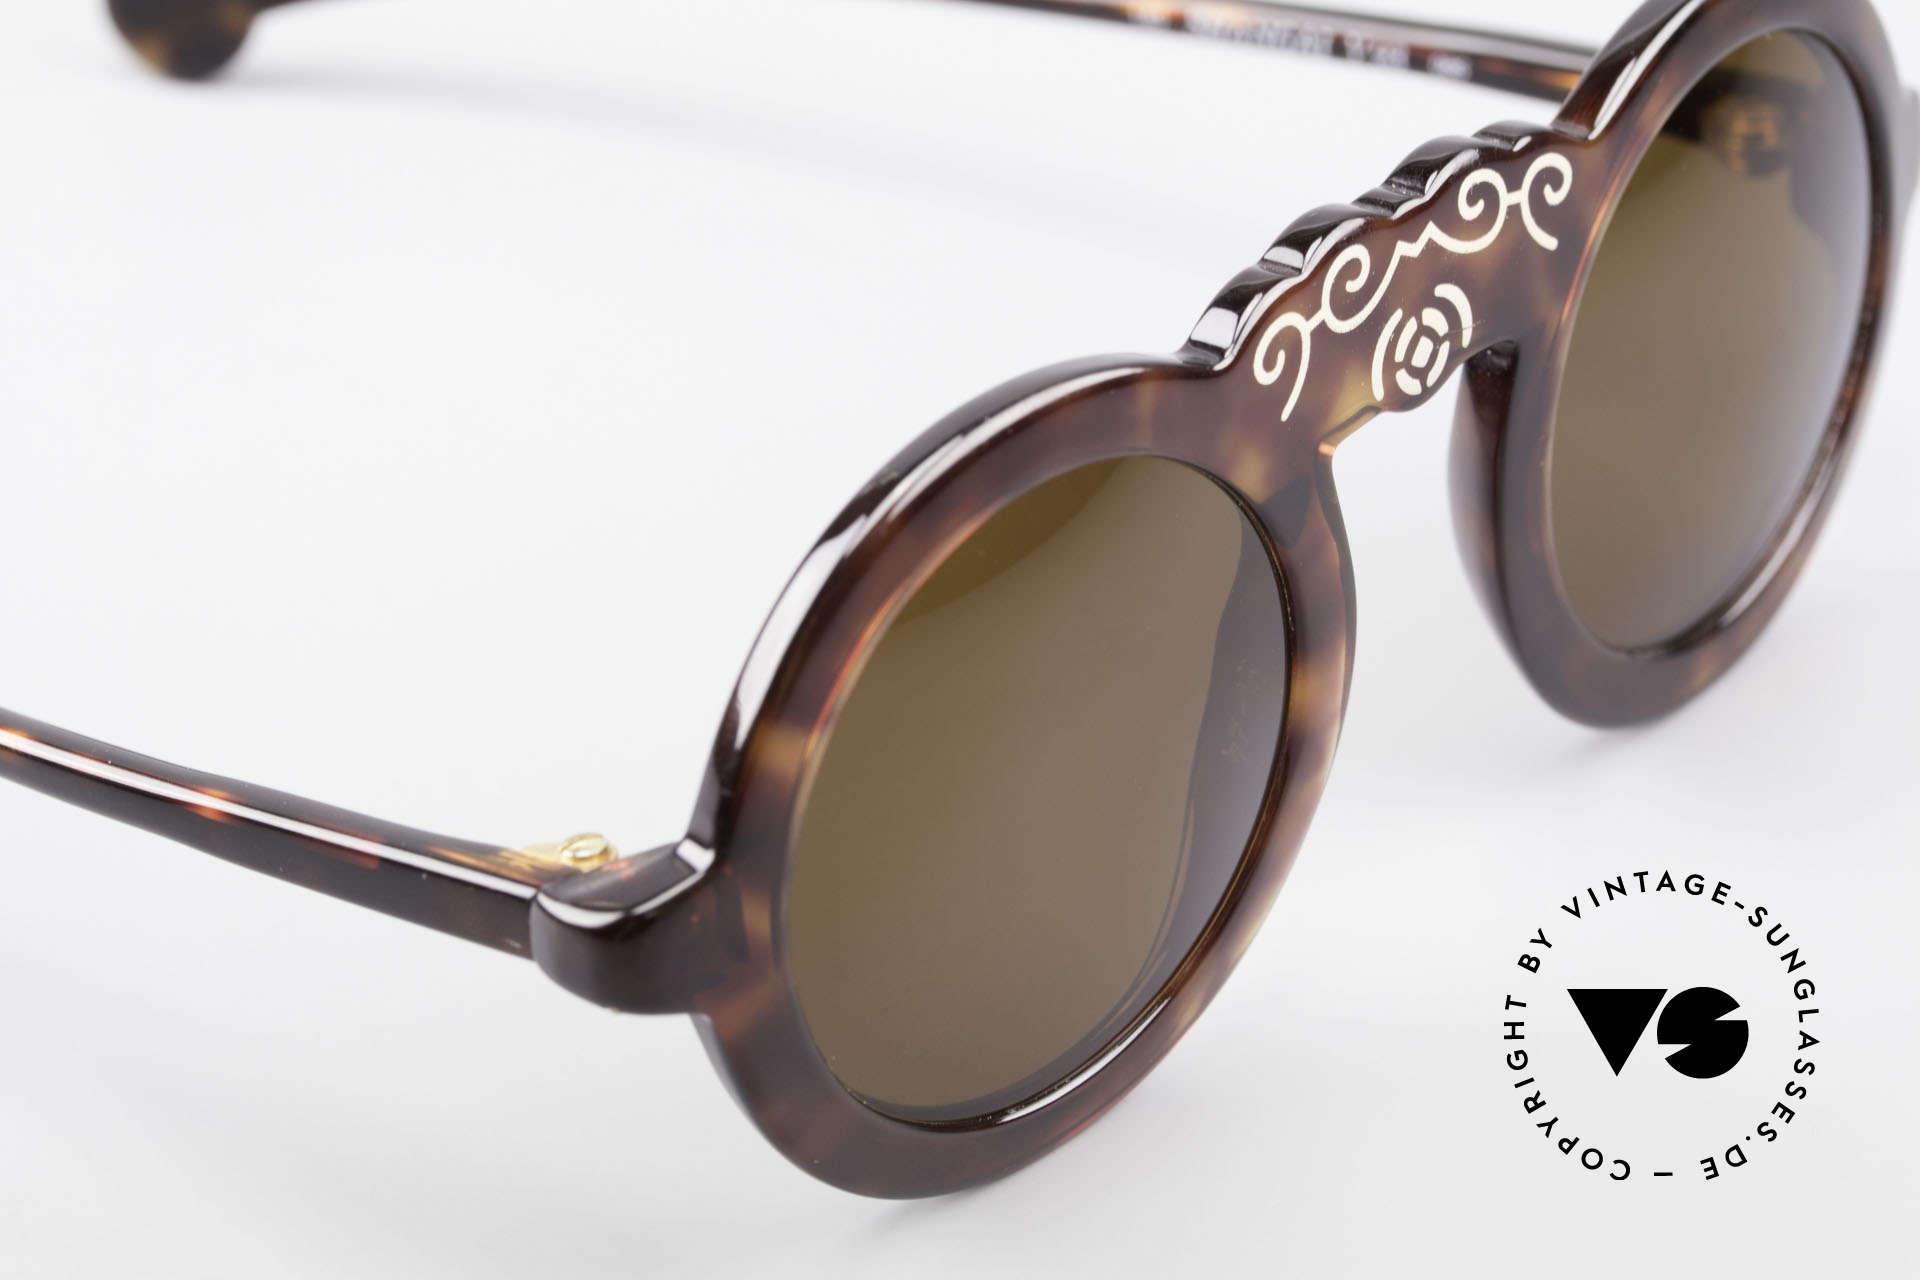 Laura Biagiotti V93 Shangai True Vintage Sonnenbrille 70er, KEINE Retromode, sondern ein 40 Jahre altes Unikat, Passend für Damen